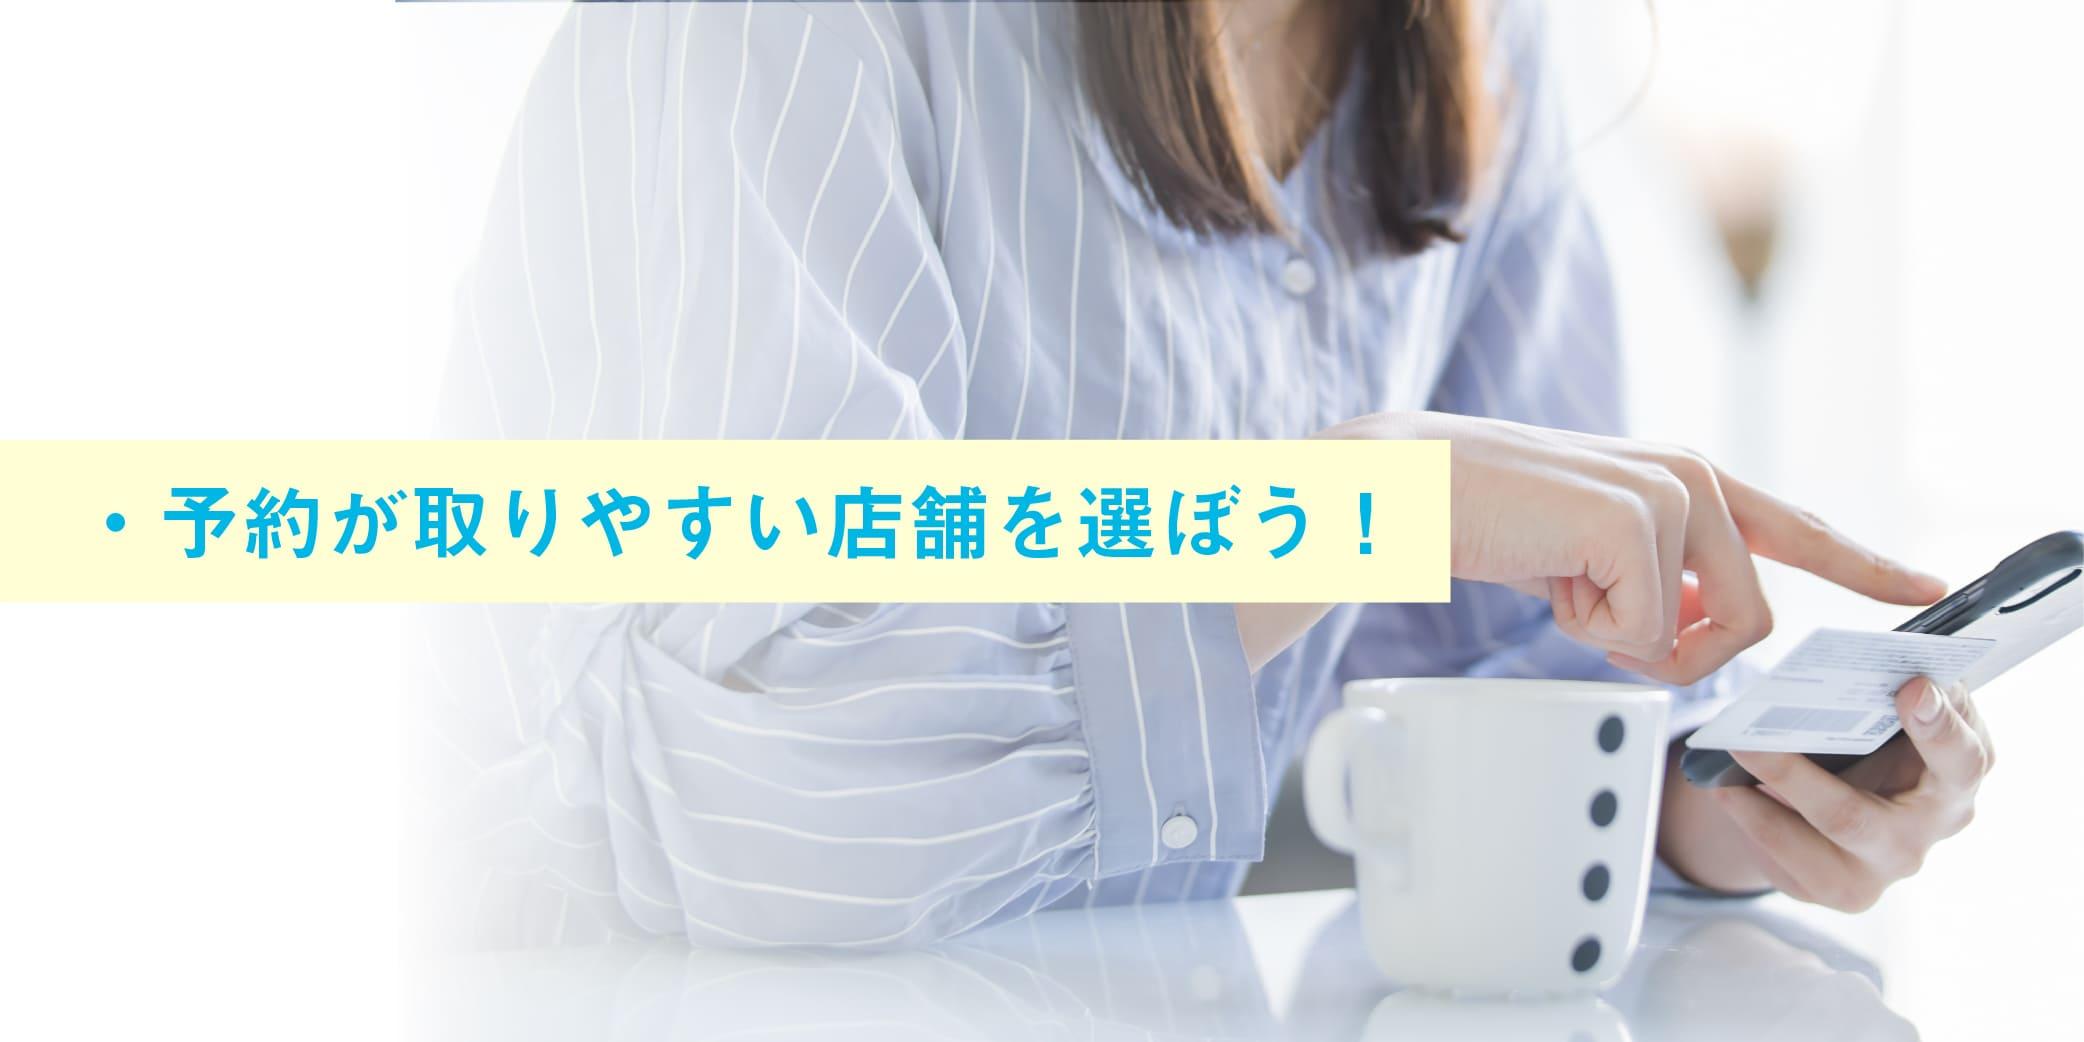 ミセルクリニック加古川院 予約が取りやすい店舗を選ぼう!